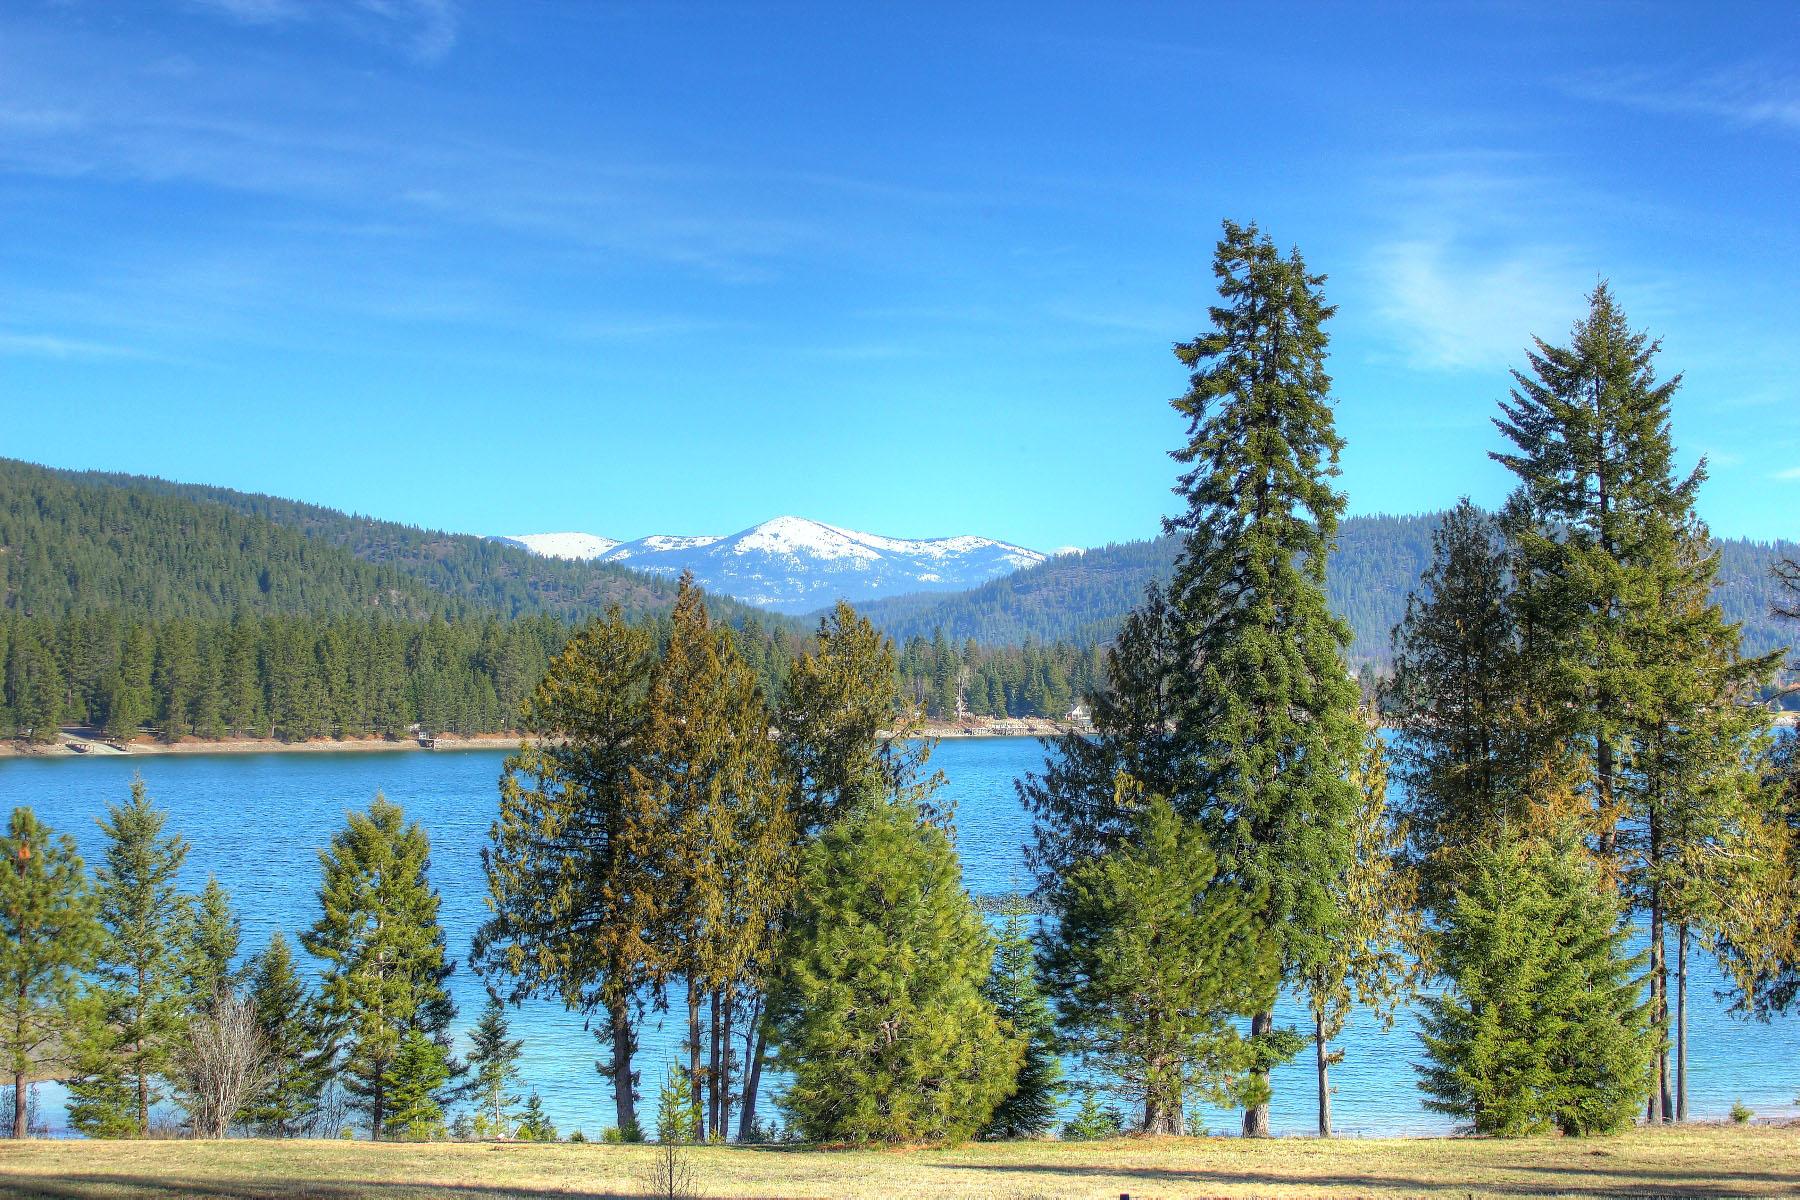 Terreno per Vendita alle ore The Crossings at Willow Bay Lot 34 Haines Ave. Priest River, Idaho, 83856 Stati Uniti